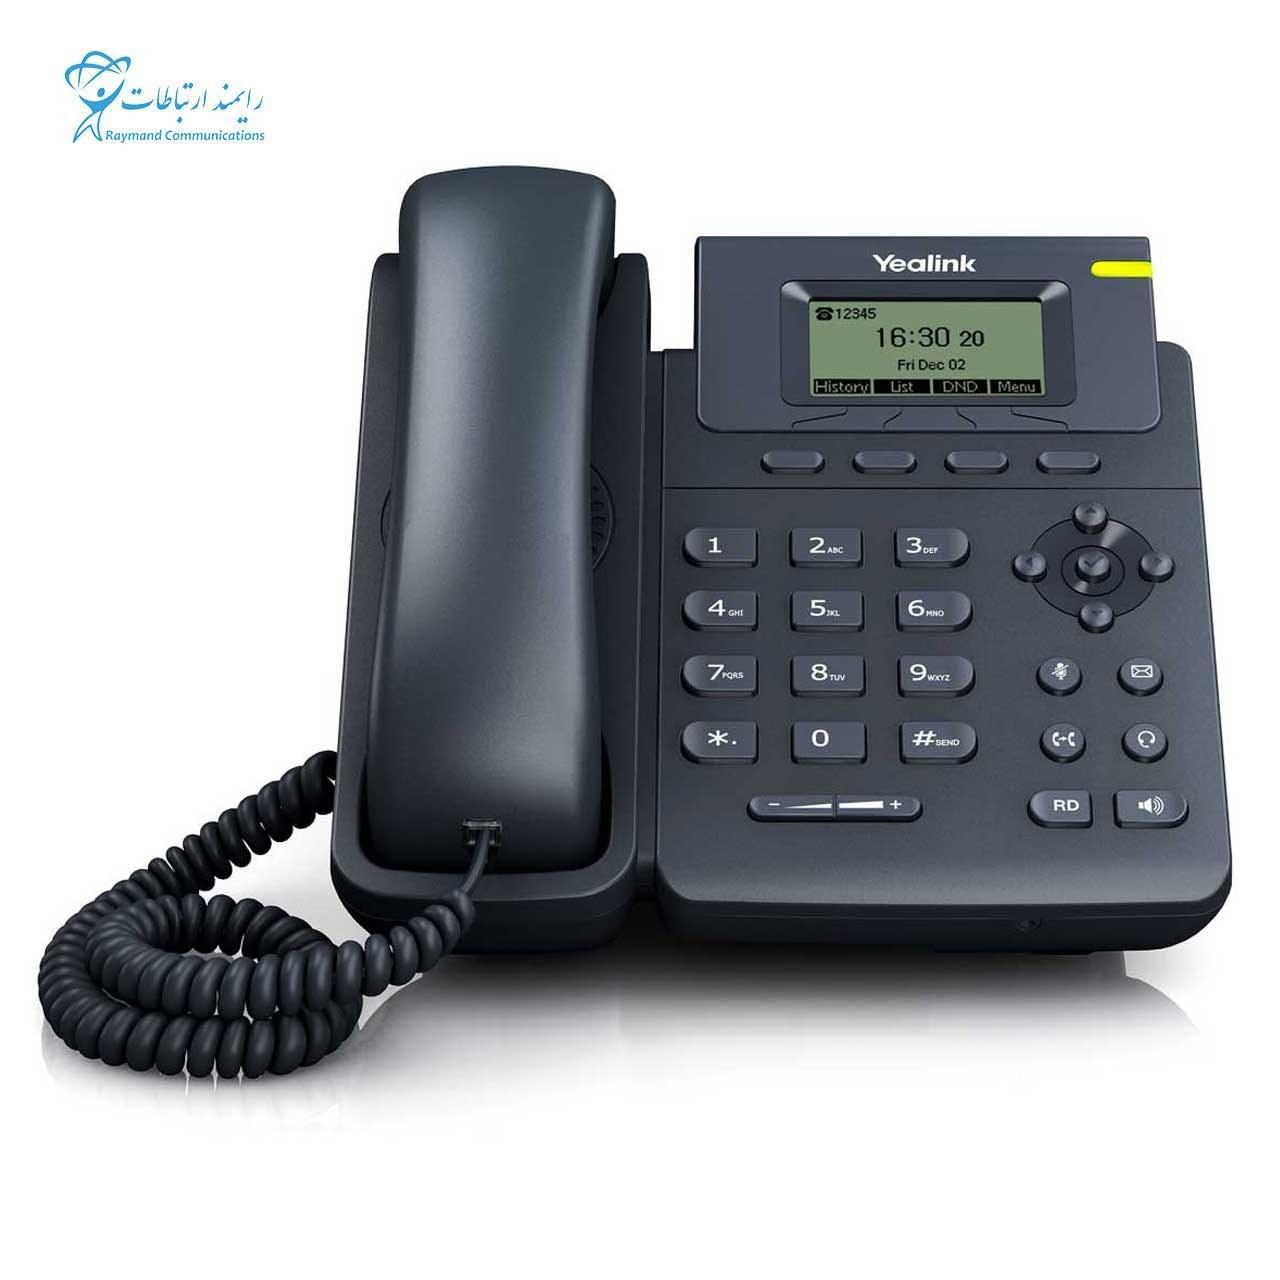 تصویر تلفن تحت شبکه یالینک T19-E2 YEALINK IP PHONE –SIP-T19-E2